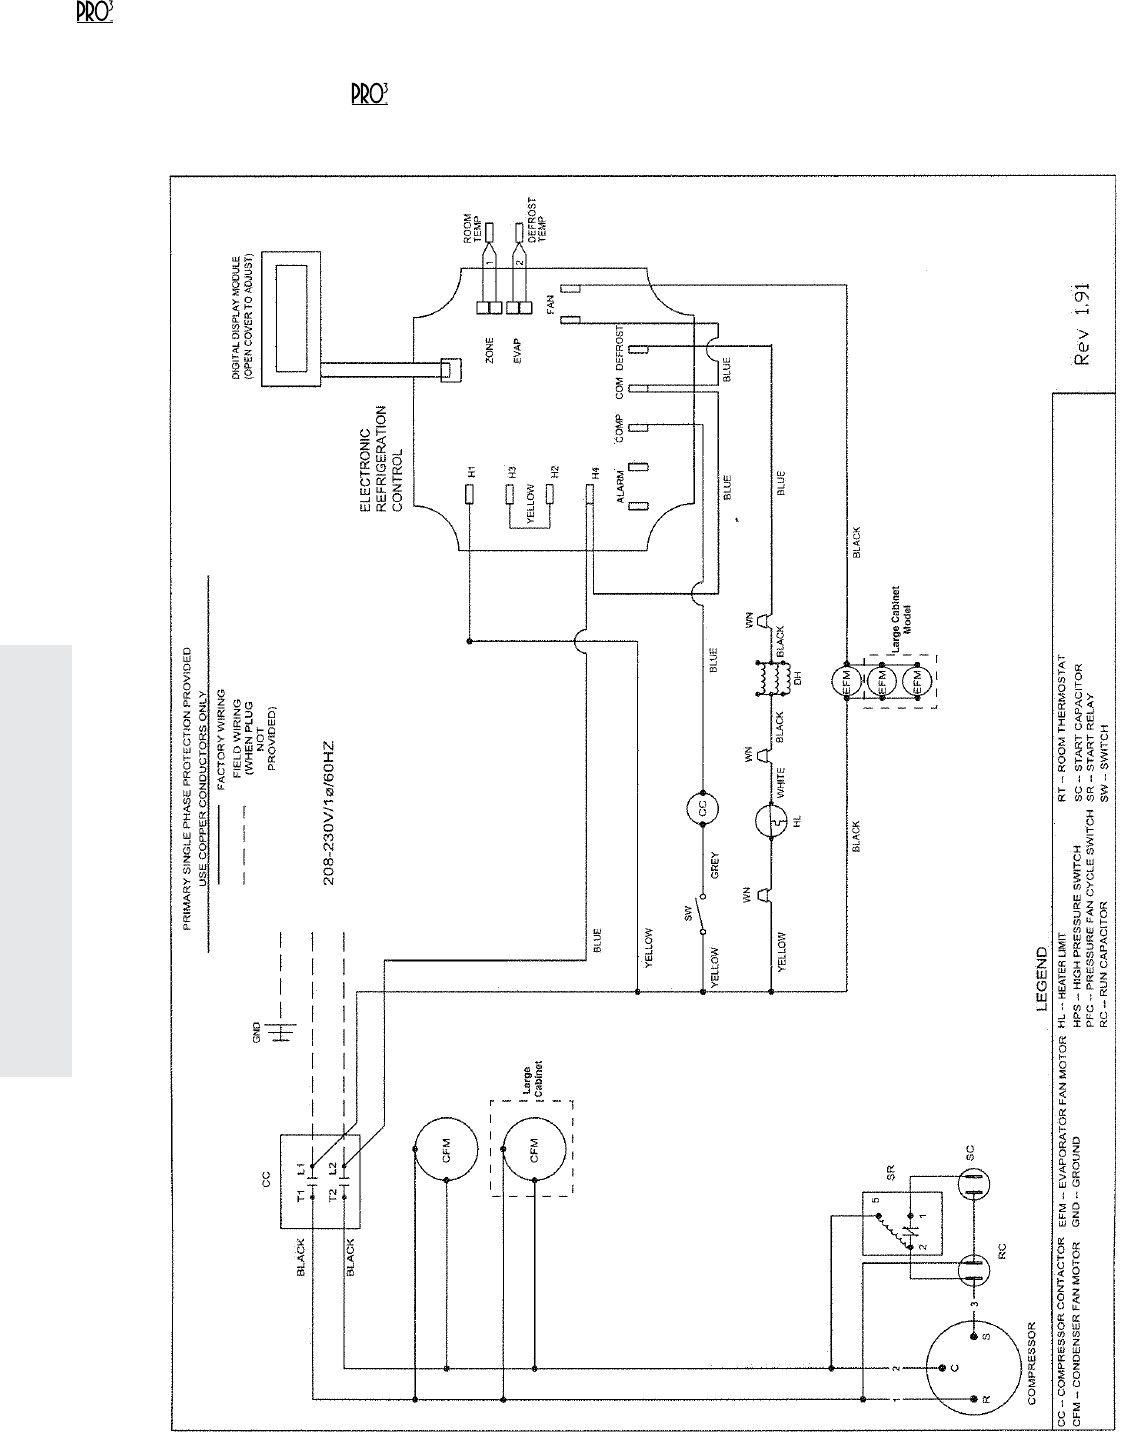 hight resolution of heatcraft evaporator wiring diagram 220 library of wiring diagram in heatcraft evaporator wiring diagram